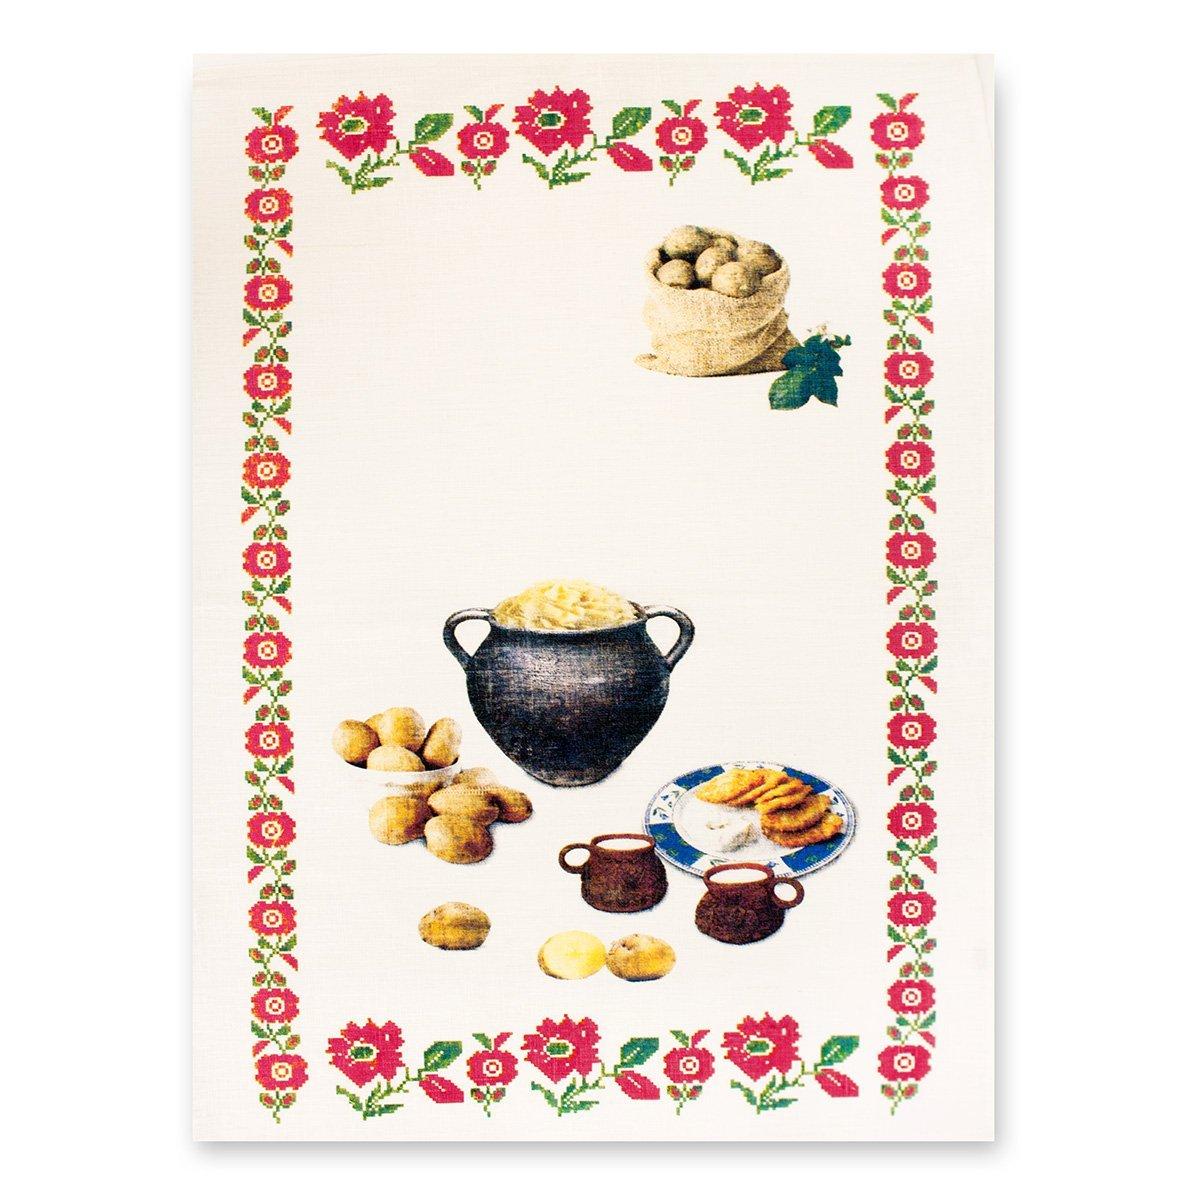 Полотенце льняное (50x70) 10с594 Драники